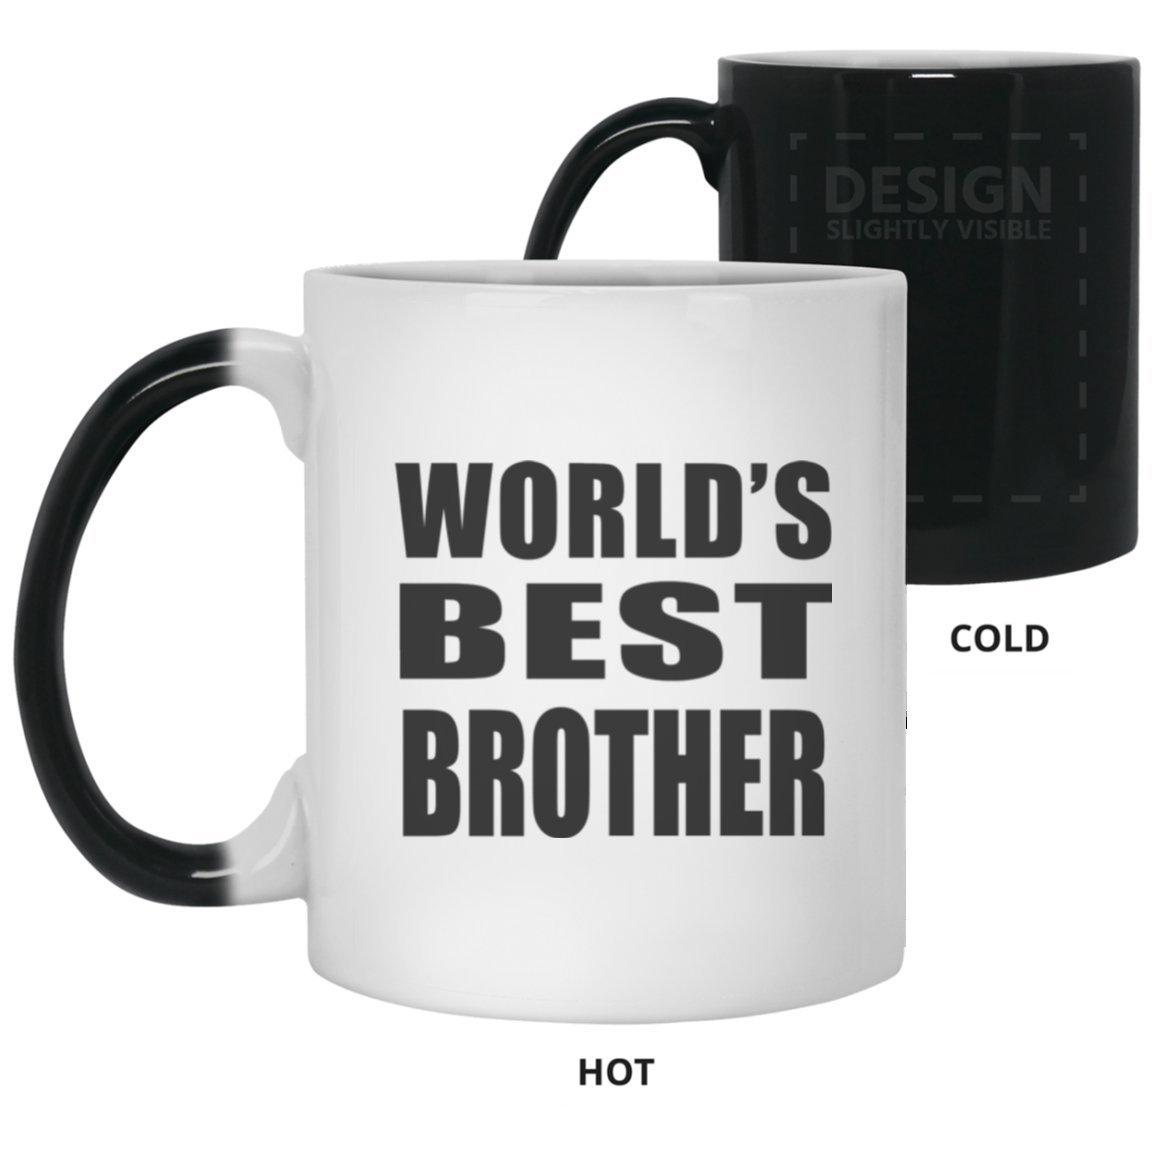 世界最高のBrother – 11 ozカラーChanging Mug、熱Sensitiveカップ、最高のギフト家族、友人、誕生日、結婚記念日、休日、母の/父の日 B07DH679J7